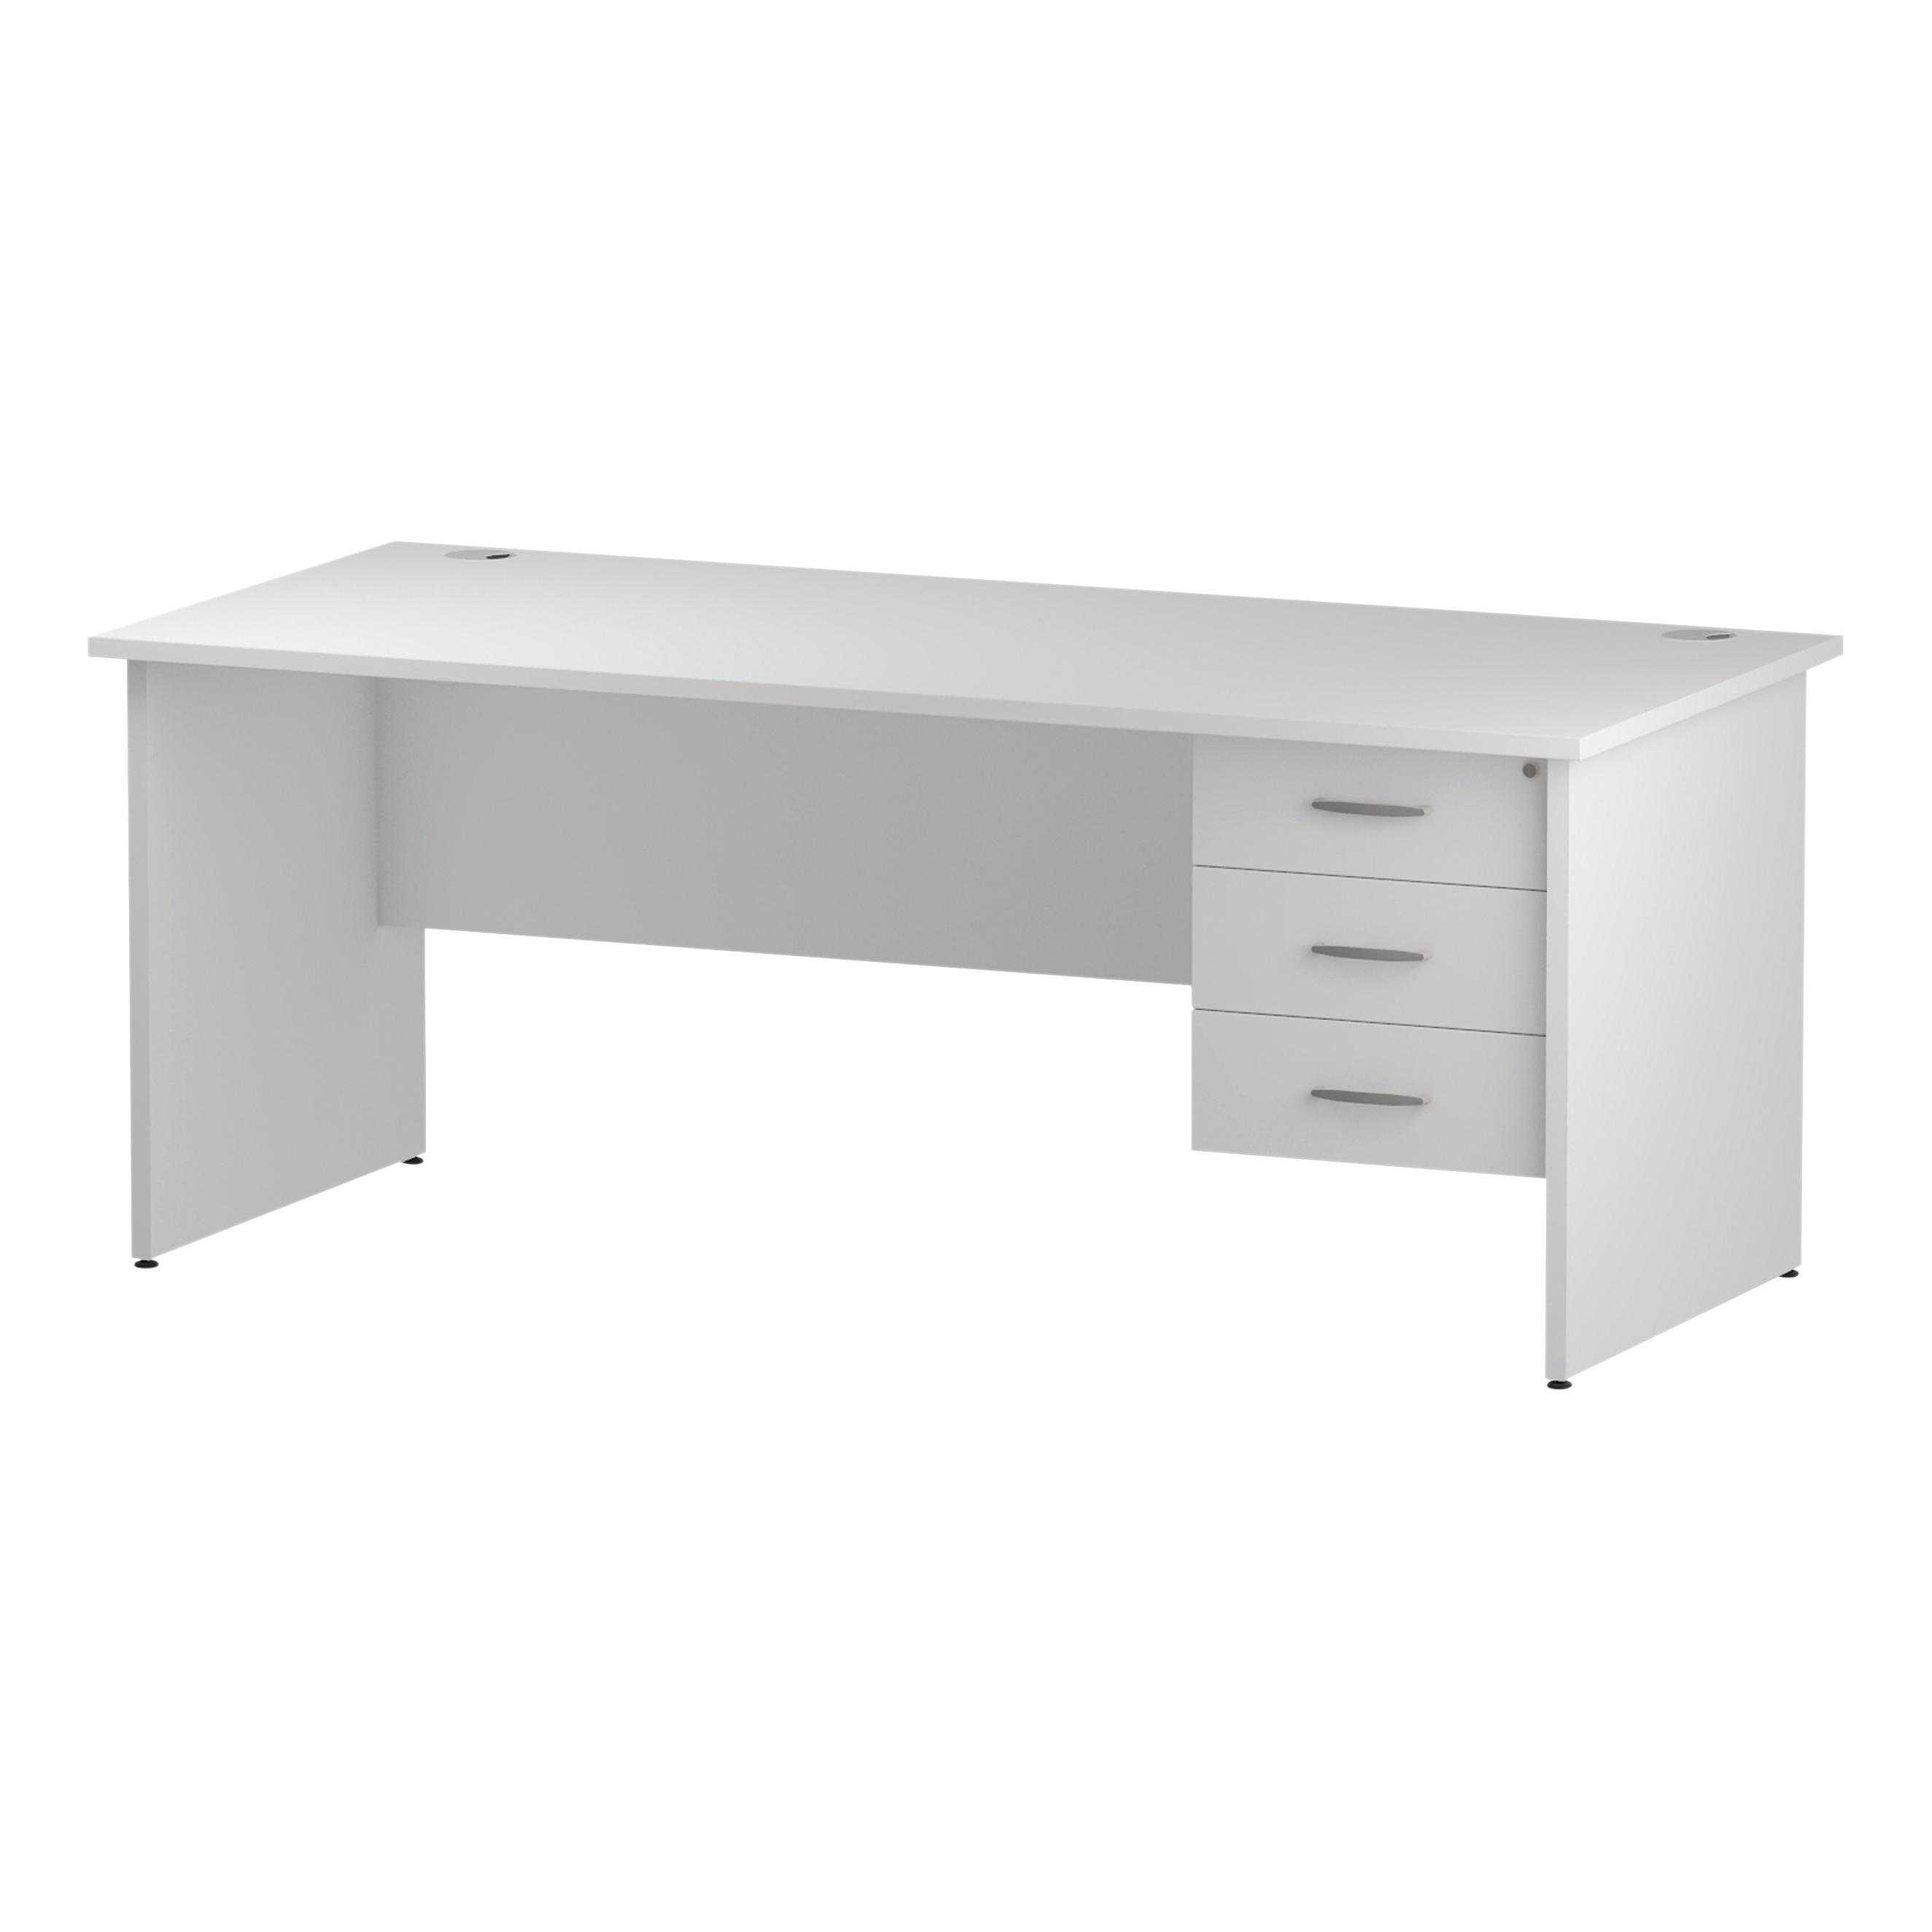 Trexus Rectangular Desk Panel End Leg 1800x800mm Fixed Pedestal 3 Drawers White Ref I002257